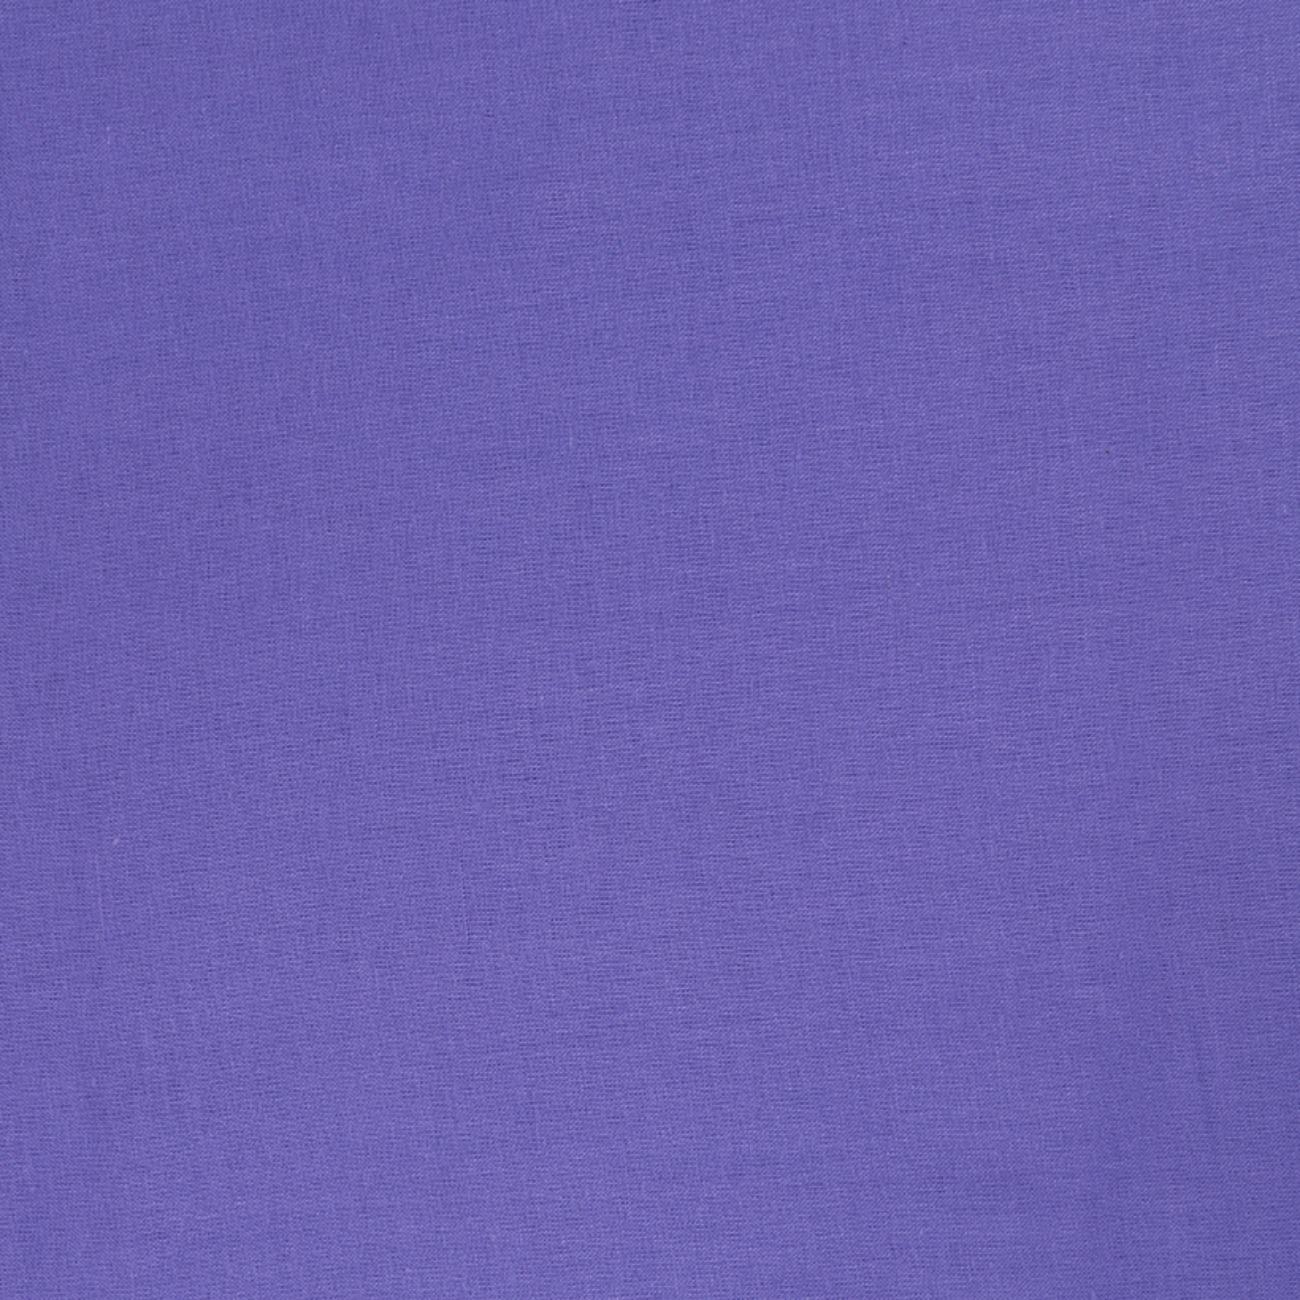 素色 麻感 梭织 染色 春夏秋 连衣裙 半身裙 衬衫 女装 70707-5